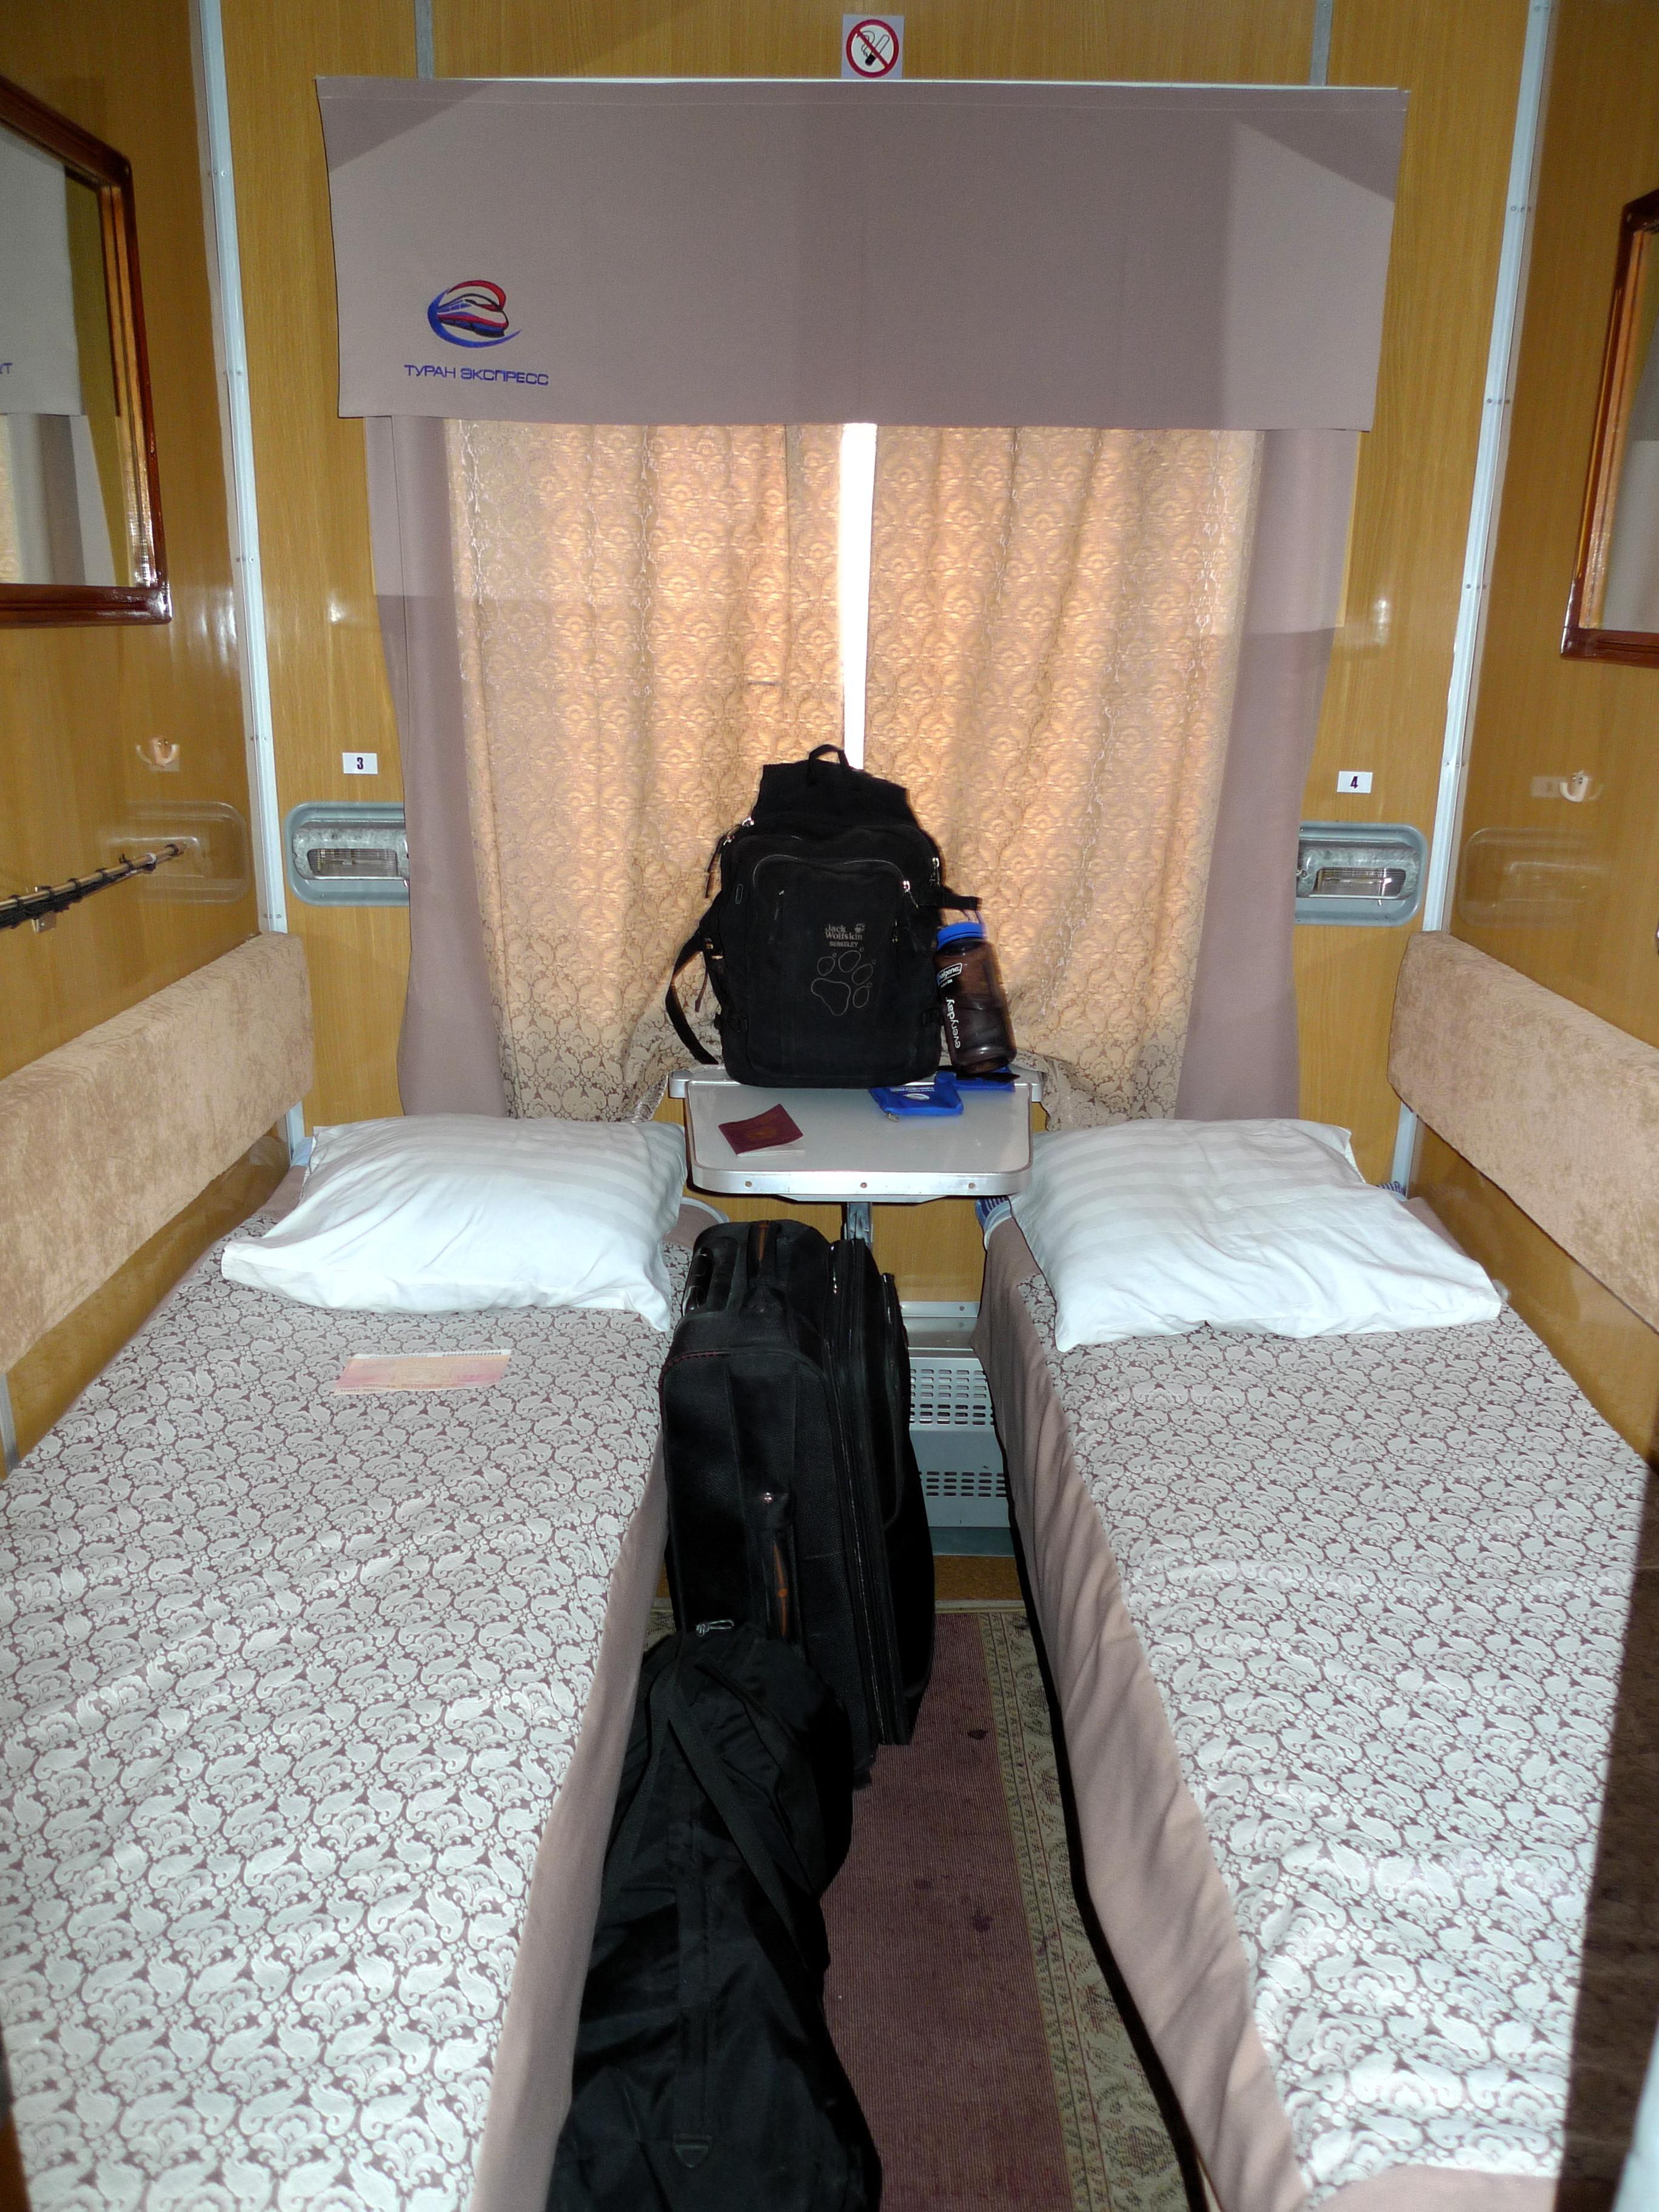 Il vagone letto del treno kazako marcopolo2012 - Trenitalia vagone letto ...